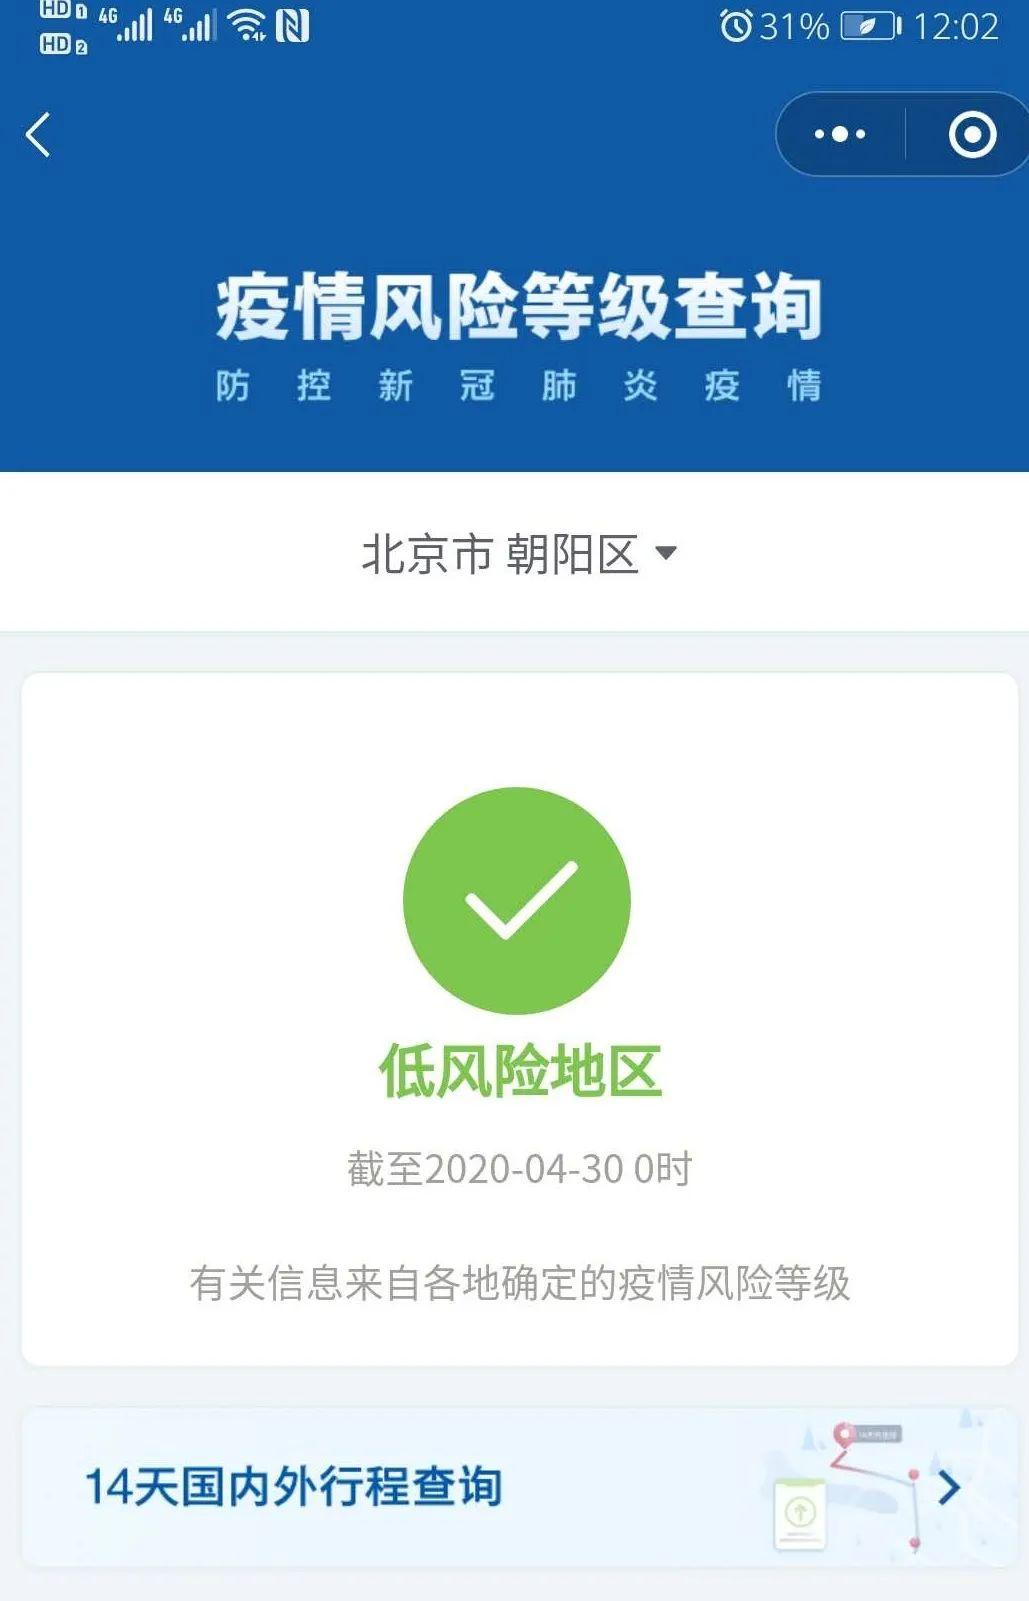 """北京朝陽變回""""綠色""""!全國這9個地區仍需努力"""